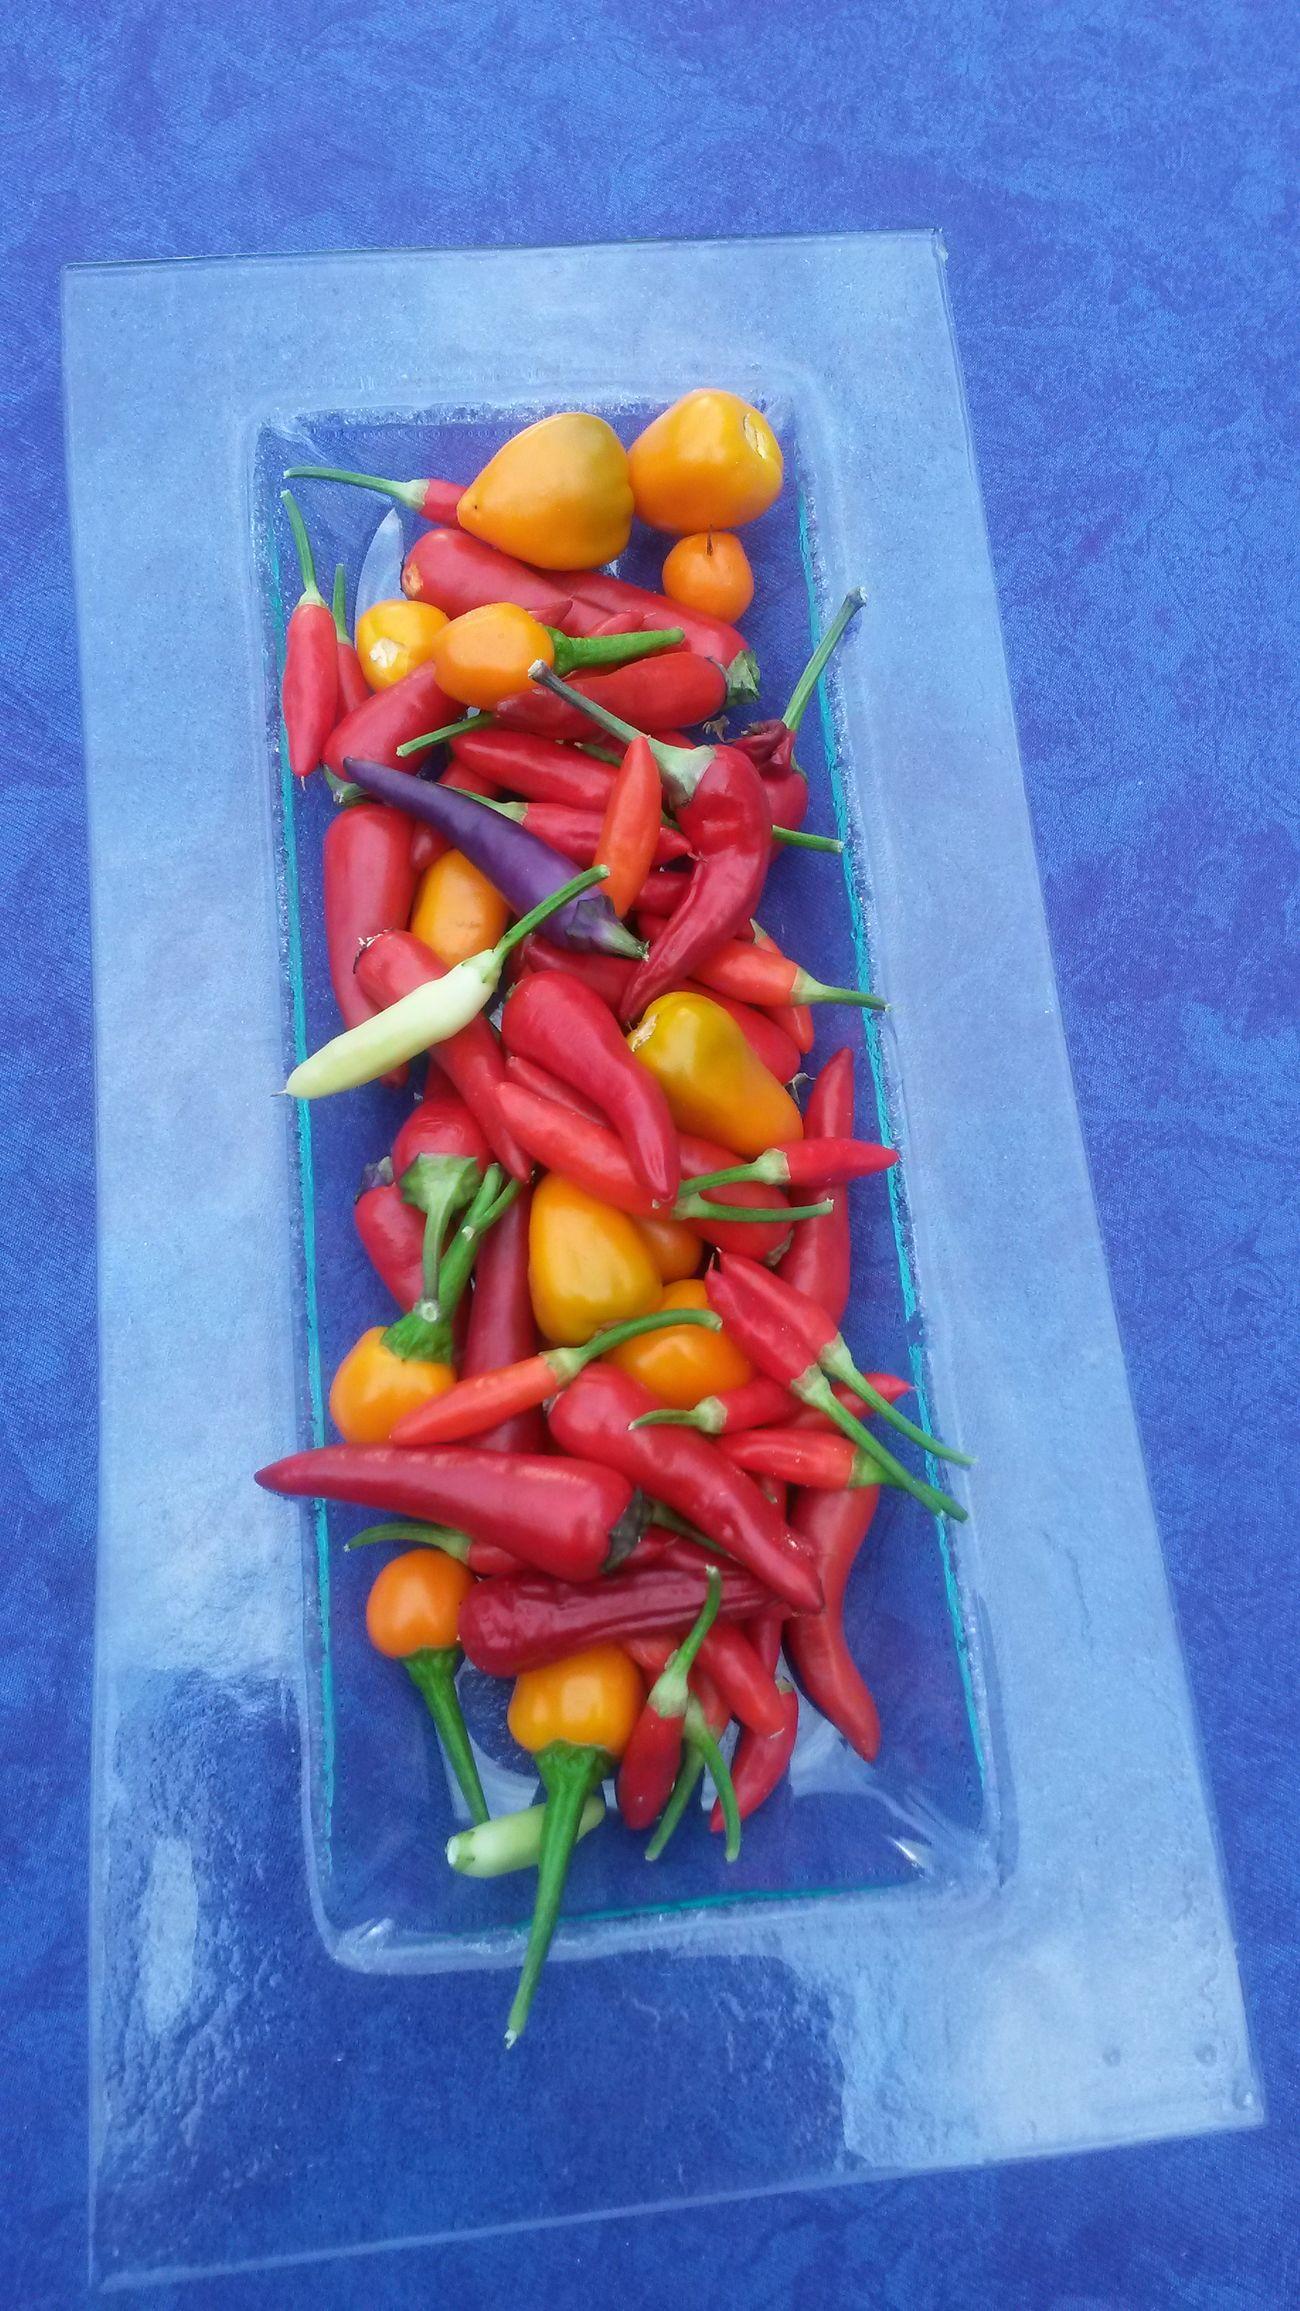 Hot hot Chilis